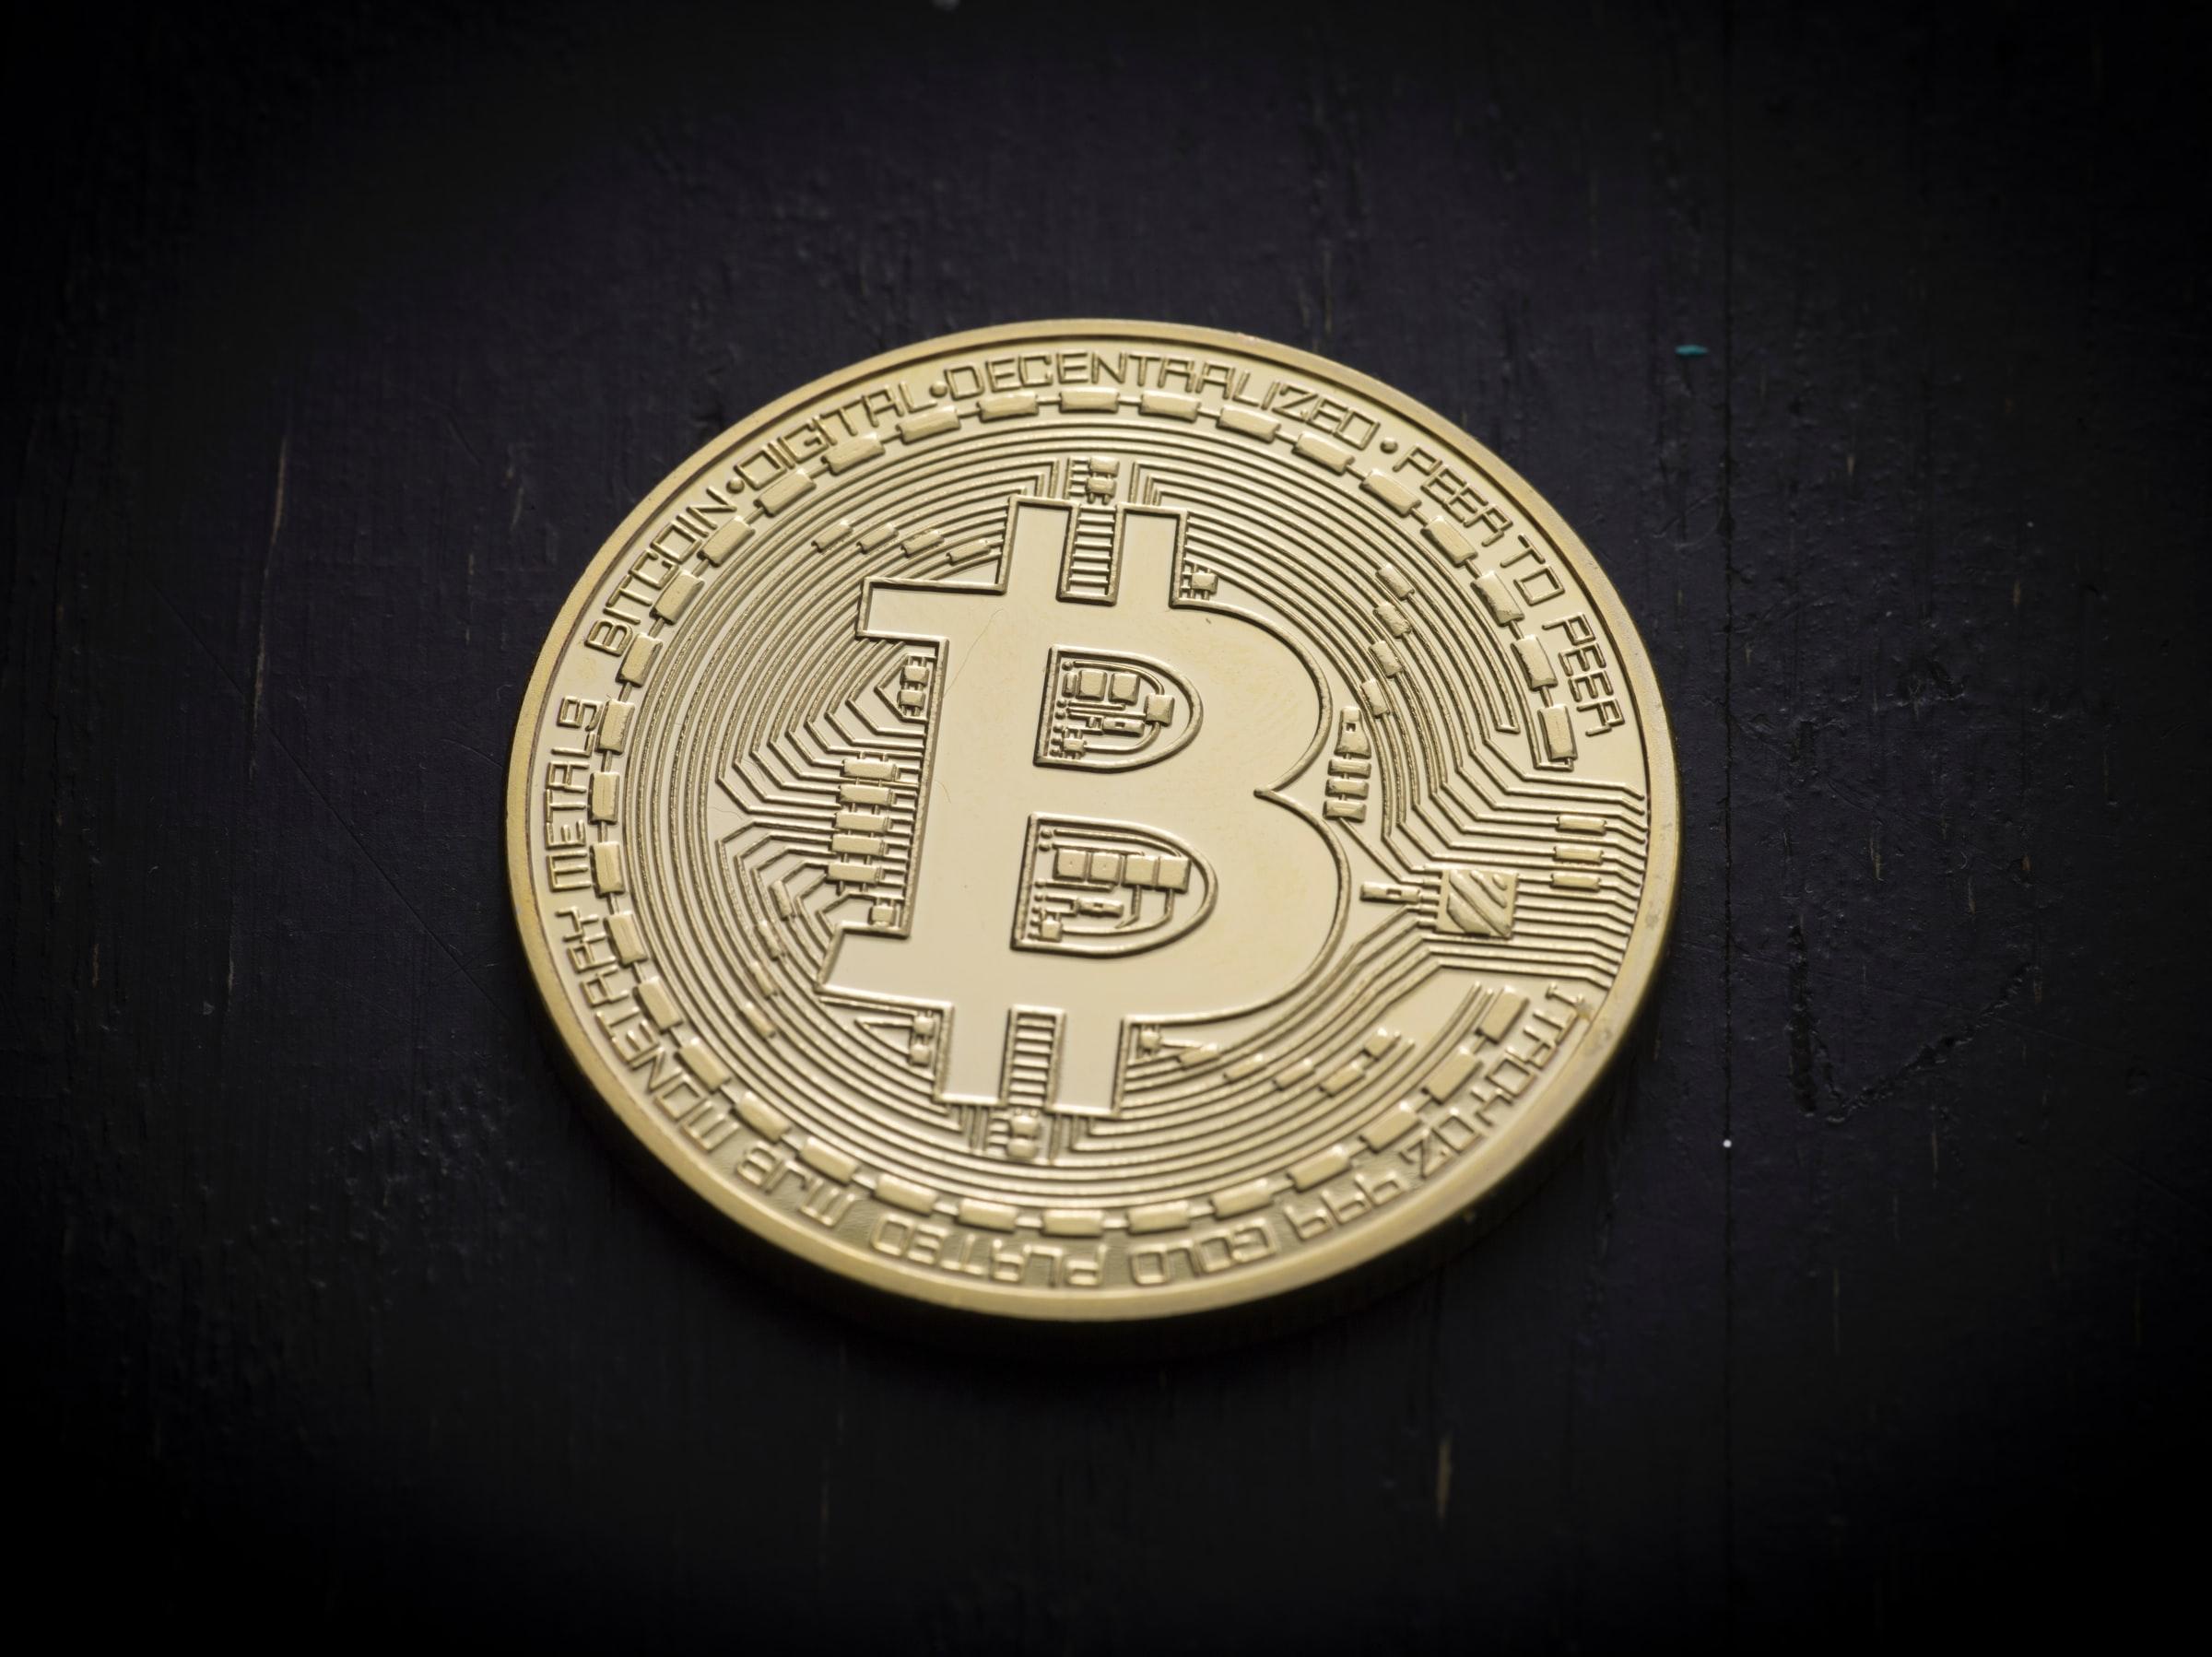 Anonyme Zahlungsmethoden wie die Kryptowährung Bitcoin können Geldwäsche im Online Casino begünstigen